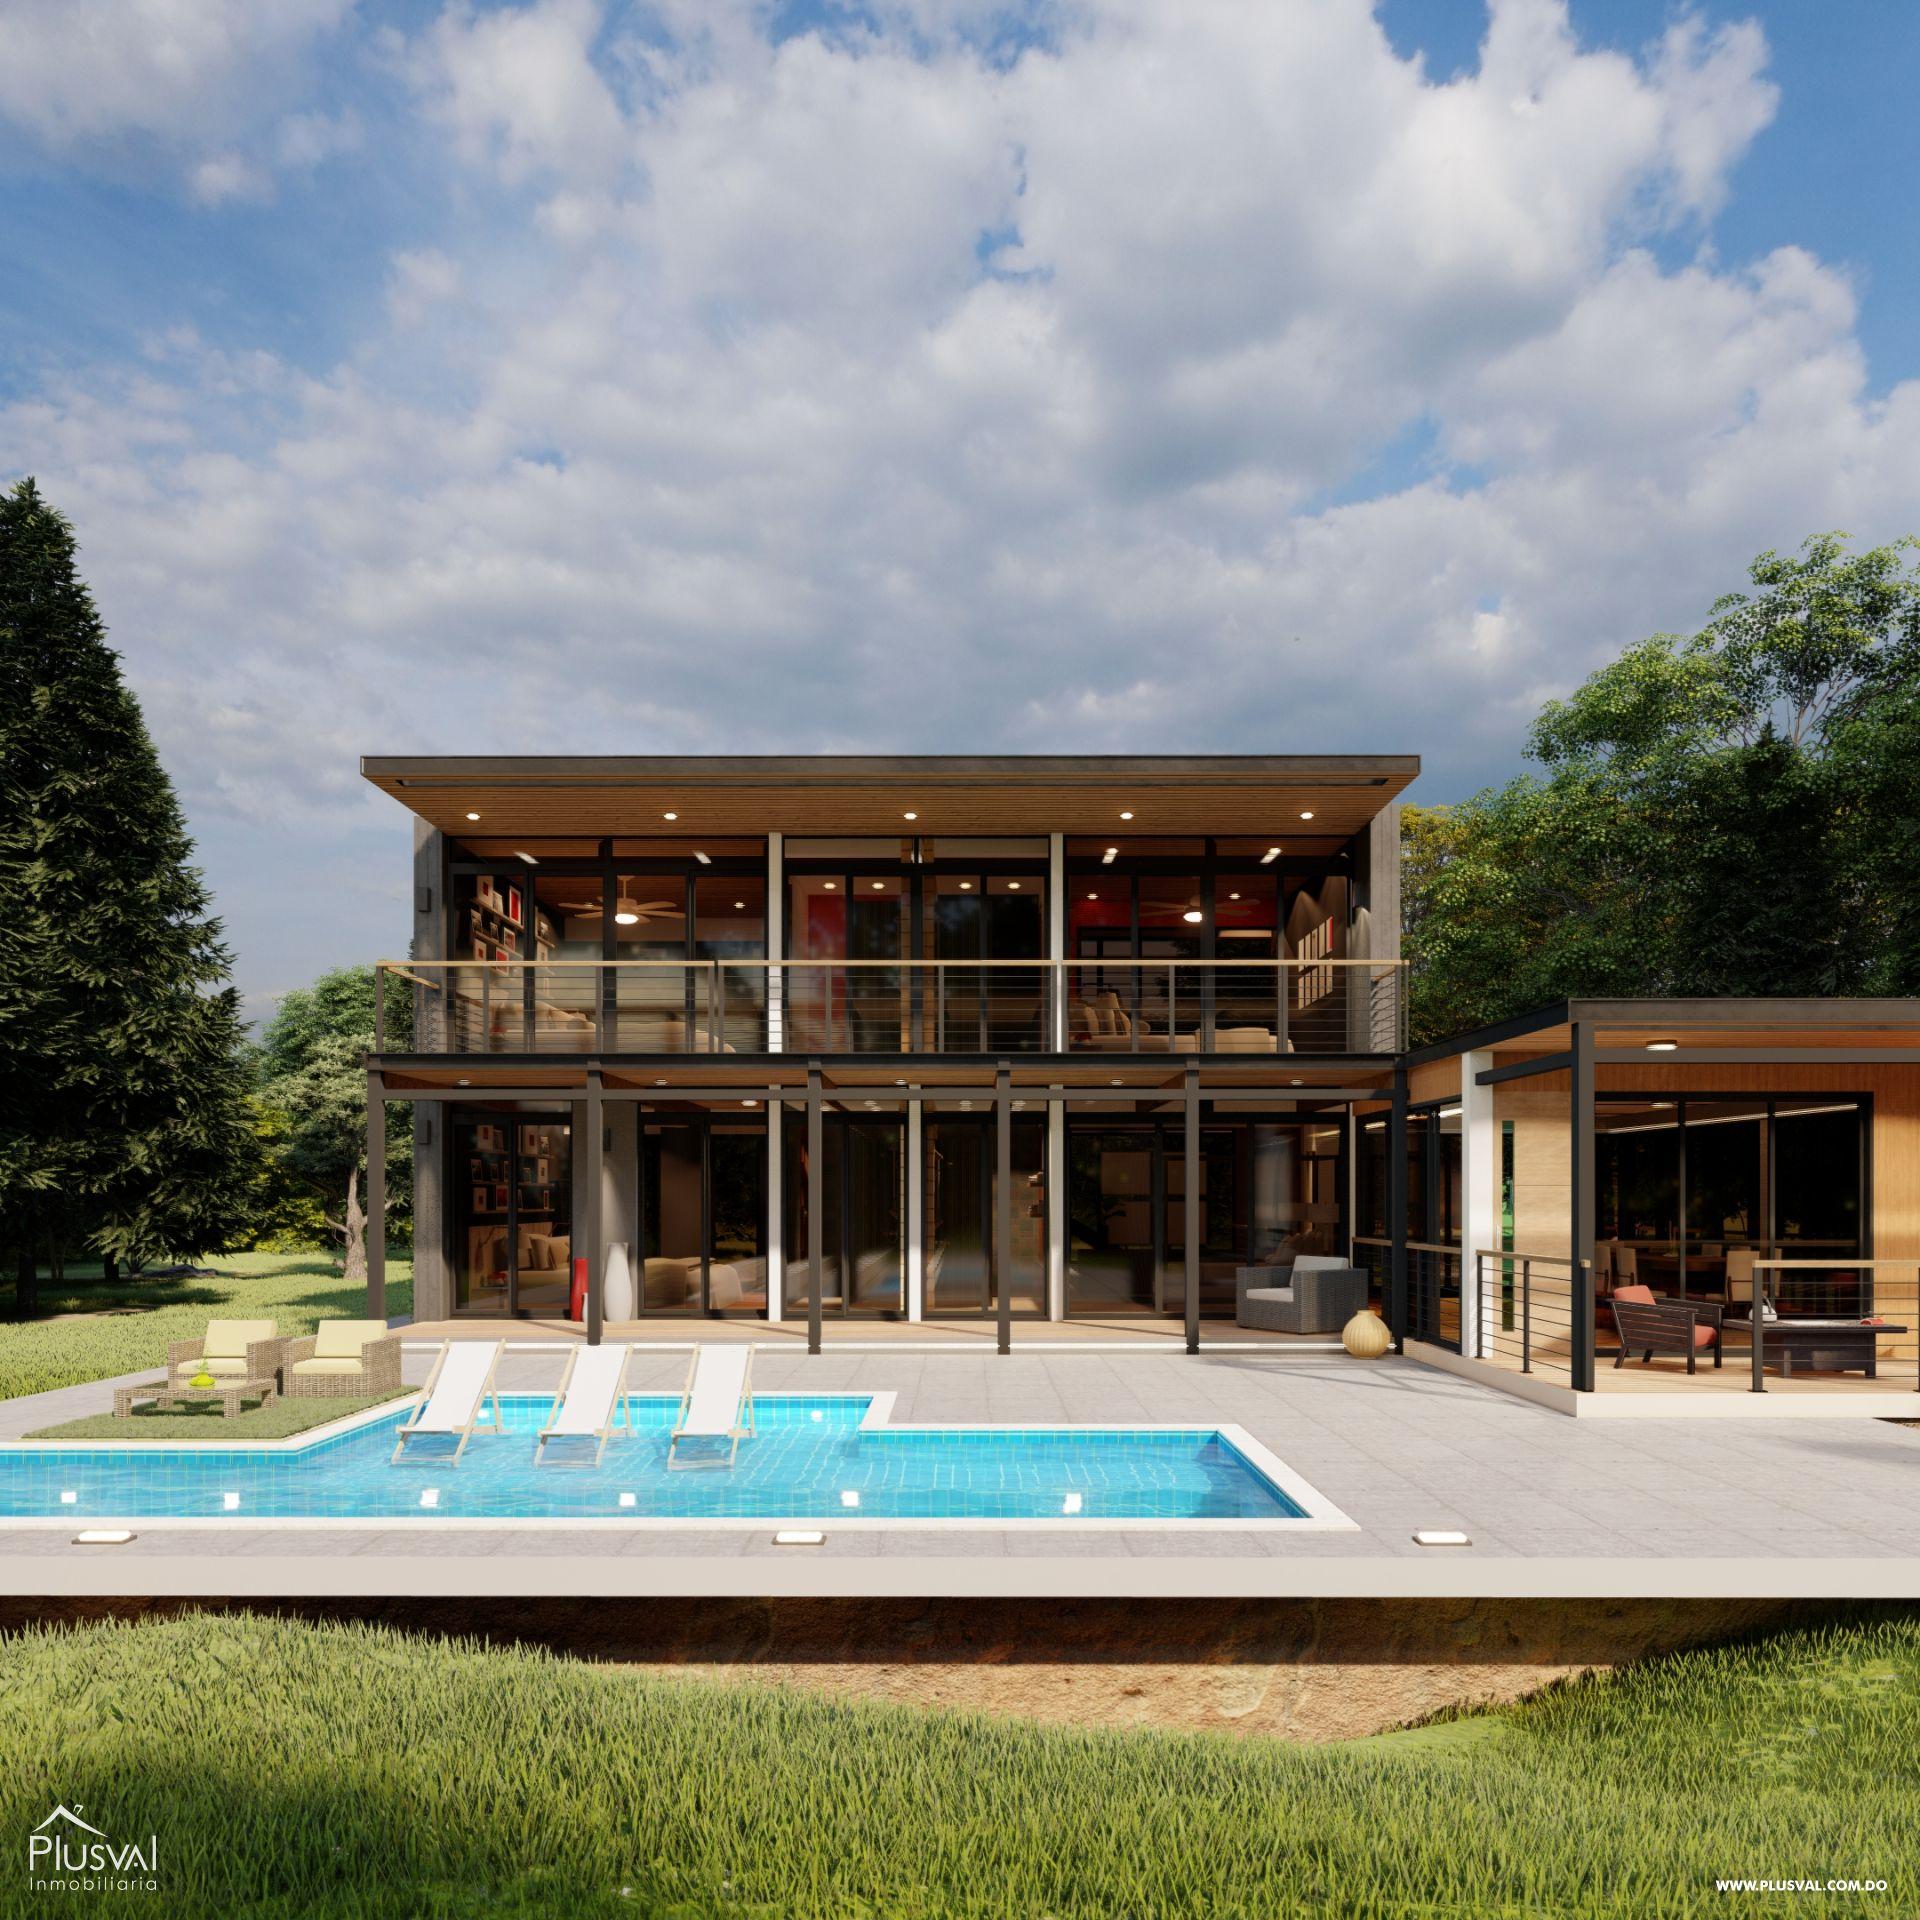 Villas en Jarabacoa con excelente diseño e inmejorable ubicación 159140